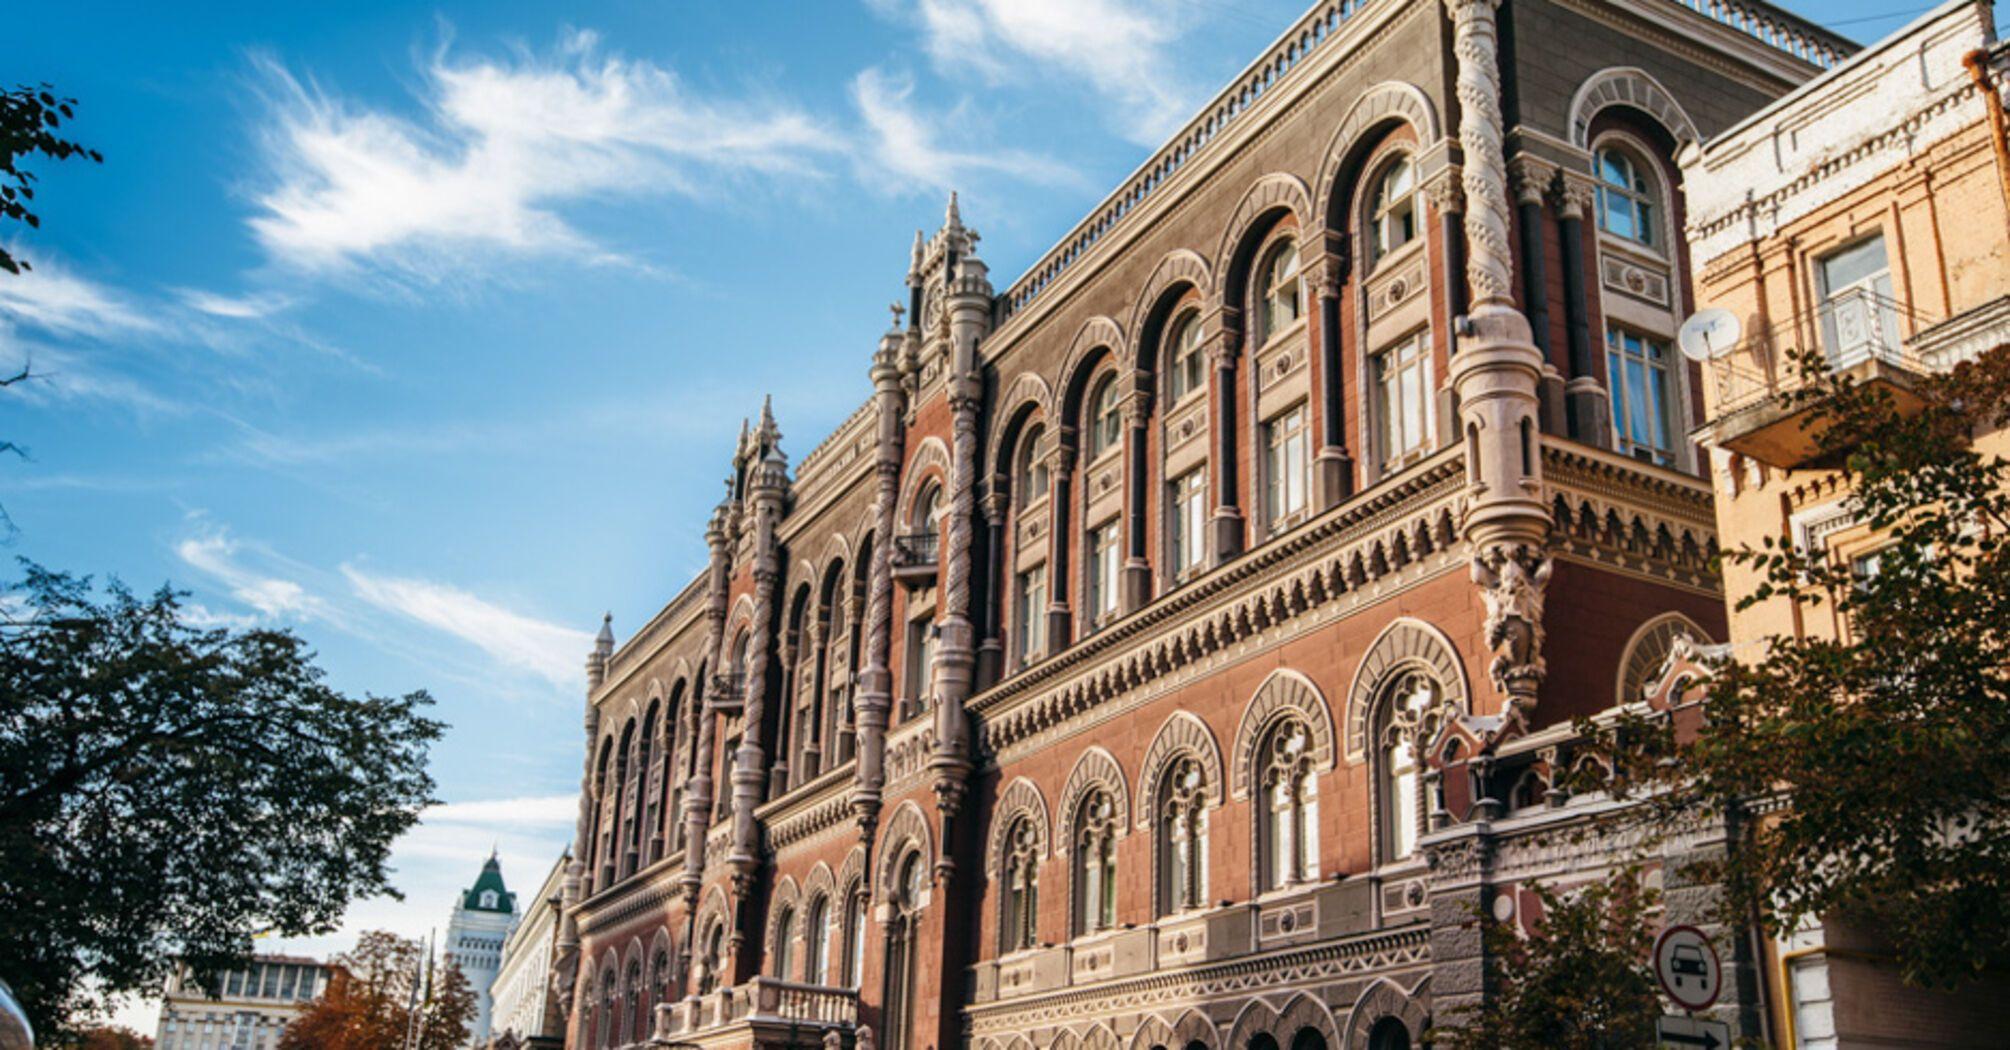 НБУ предлагает правительству частично компенсировать проценты по ипотекам